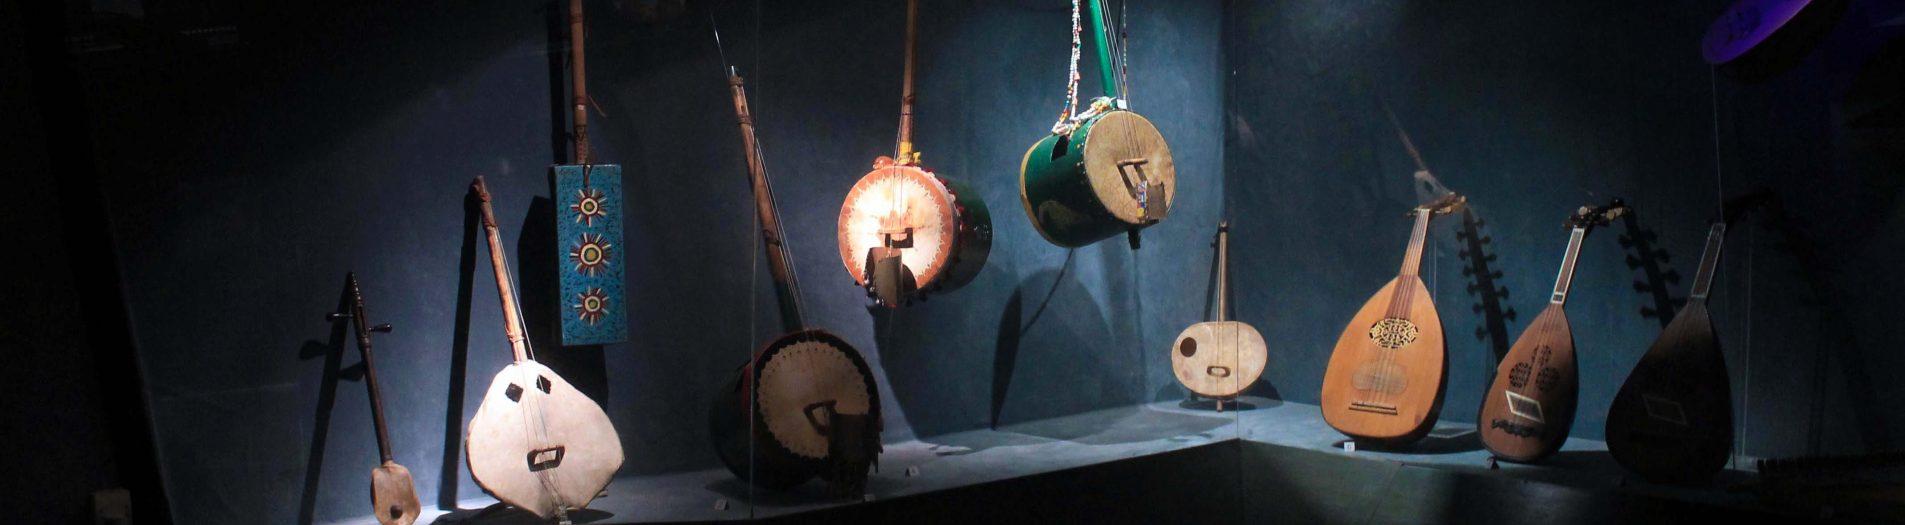 آلات موسيقية من تونس